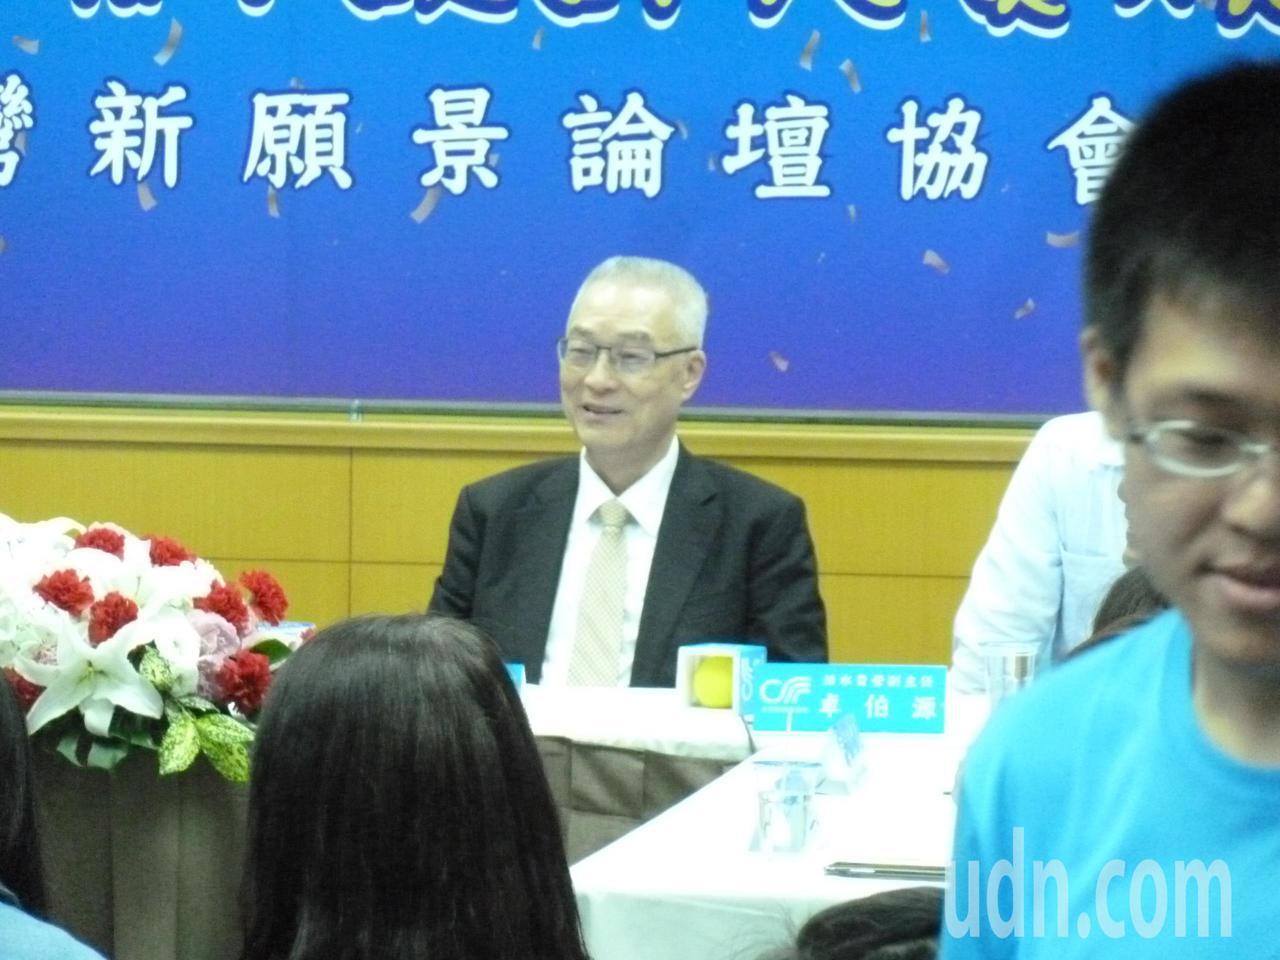 吳敦義今天受訪表示,6月初有一個海峽論壇,現在正在規劃與安排當中。記者周志豪/攝...